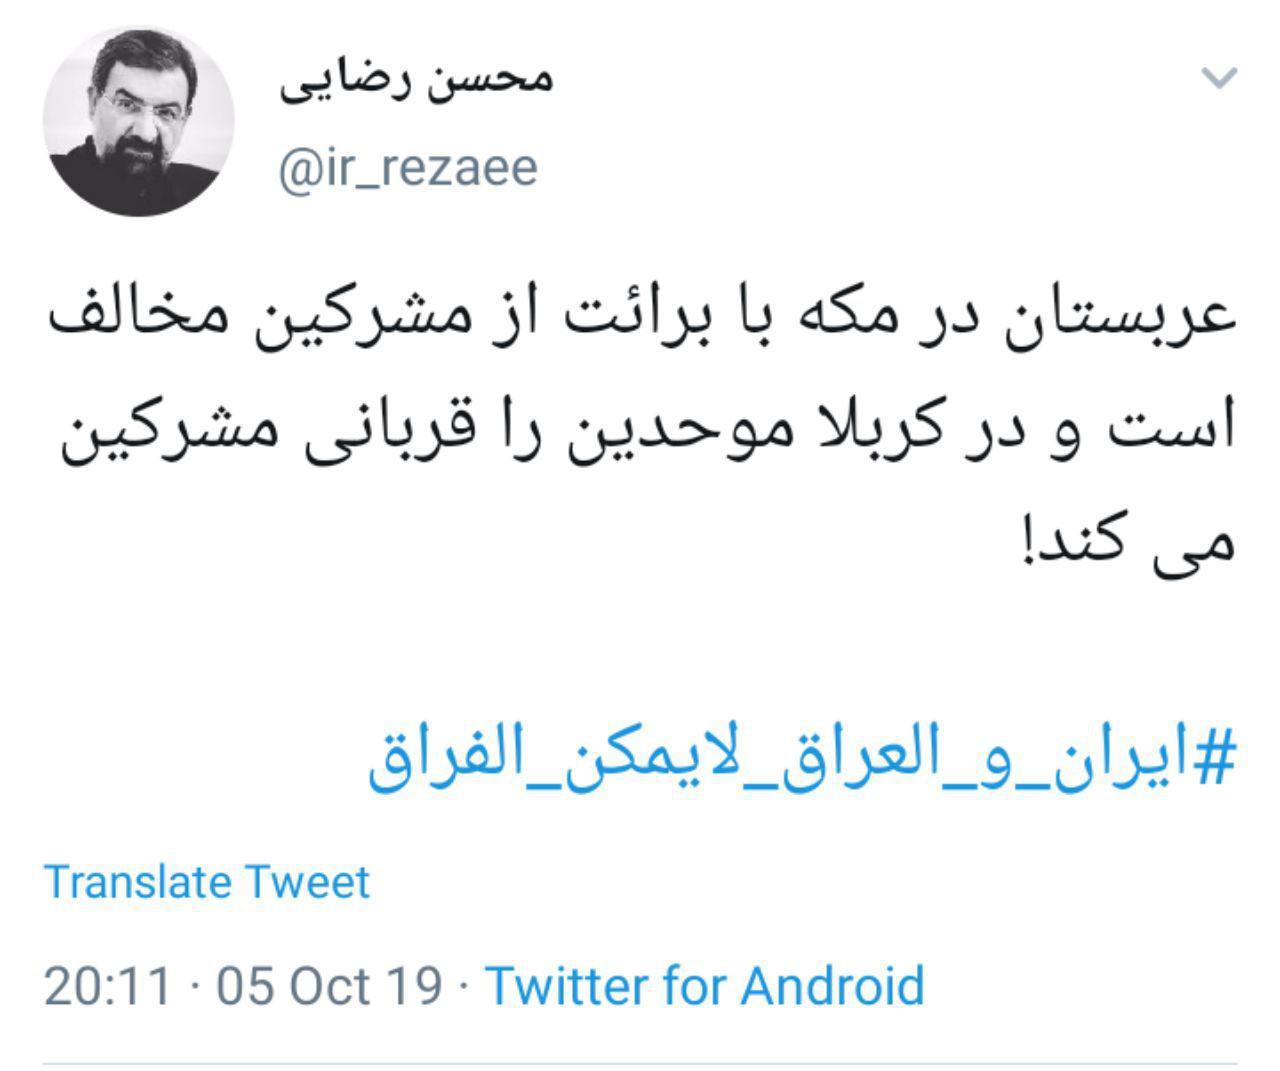 واکنش محسن رضایی به اتفاقات اخیر عراق